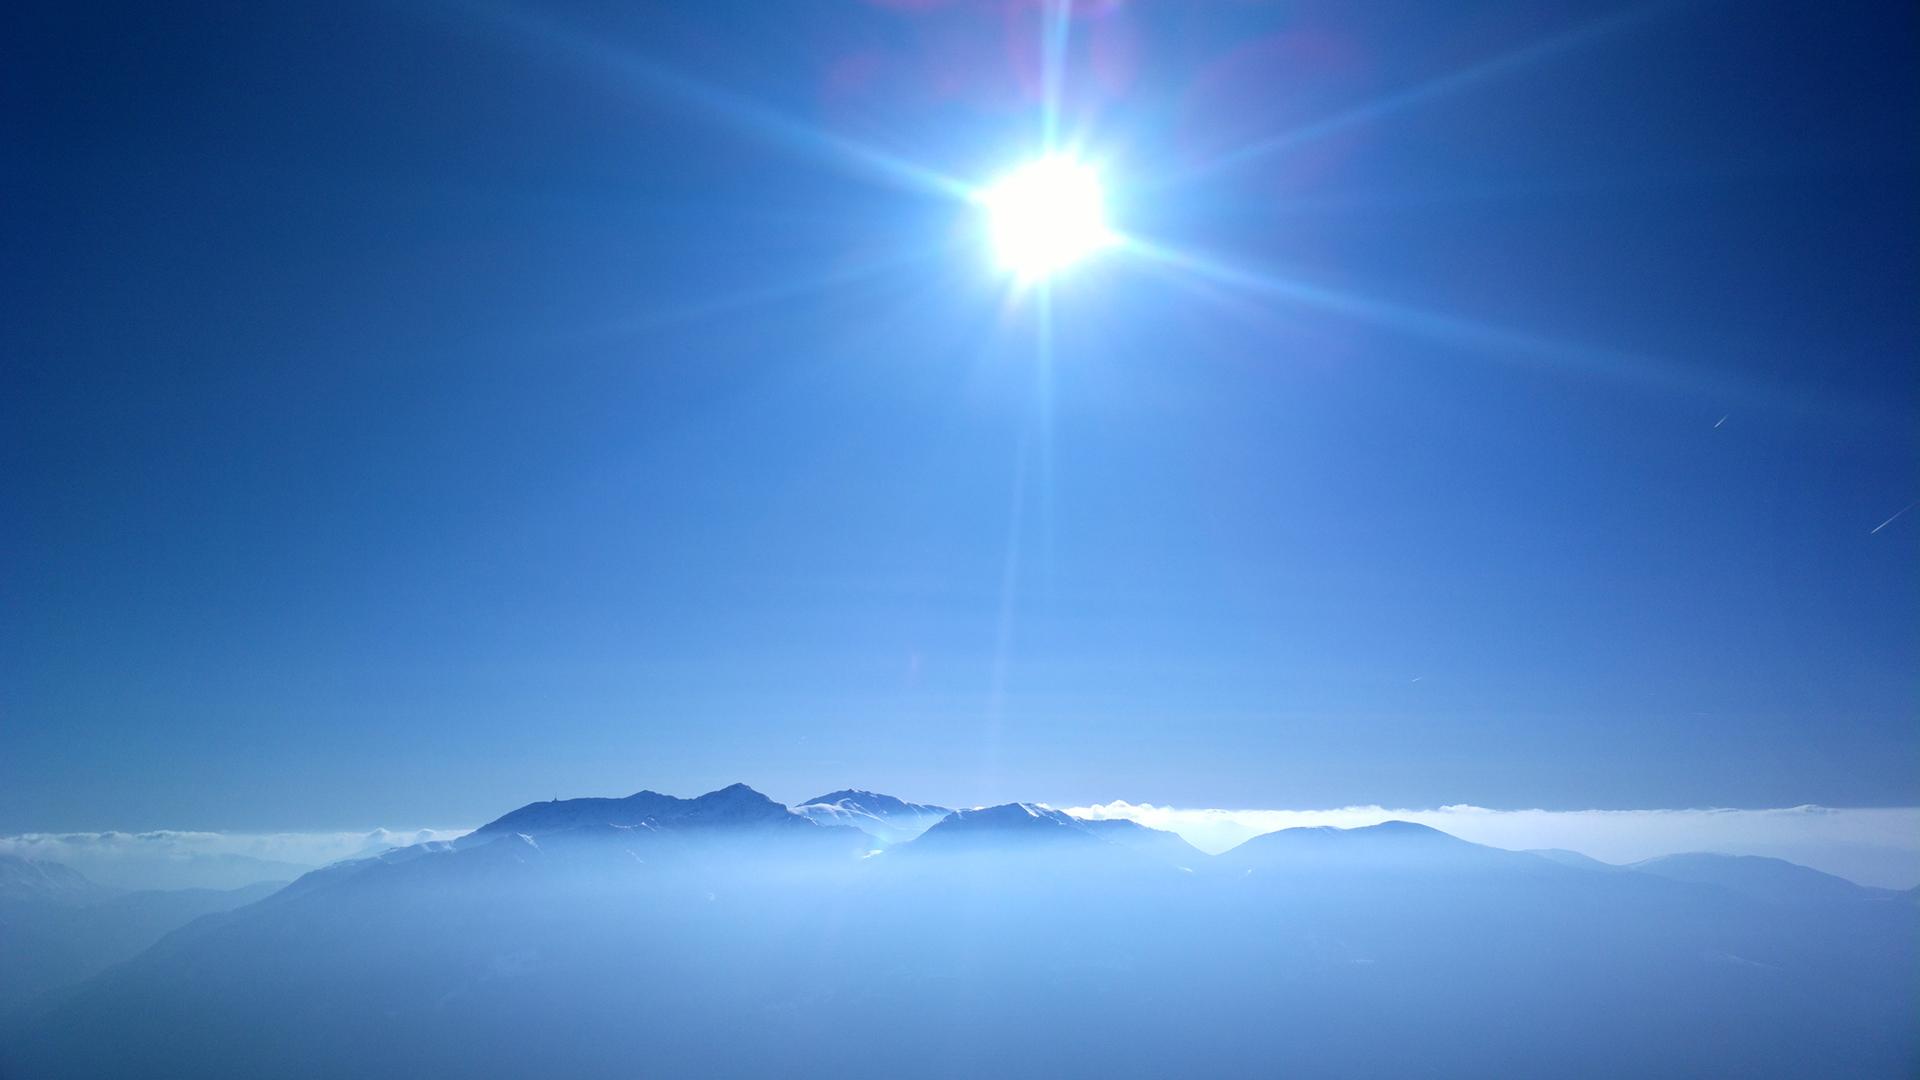 Sunlight Clouds Mountain Blue sky haze wallpaper background 1920x1080